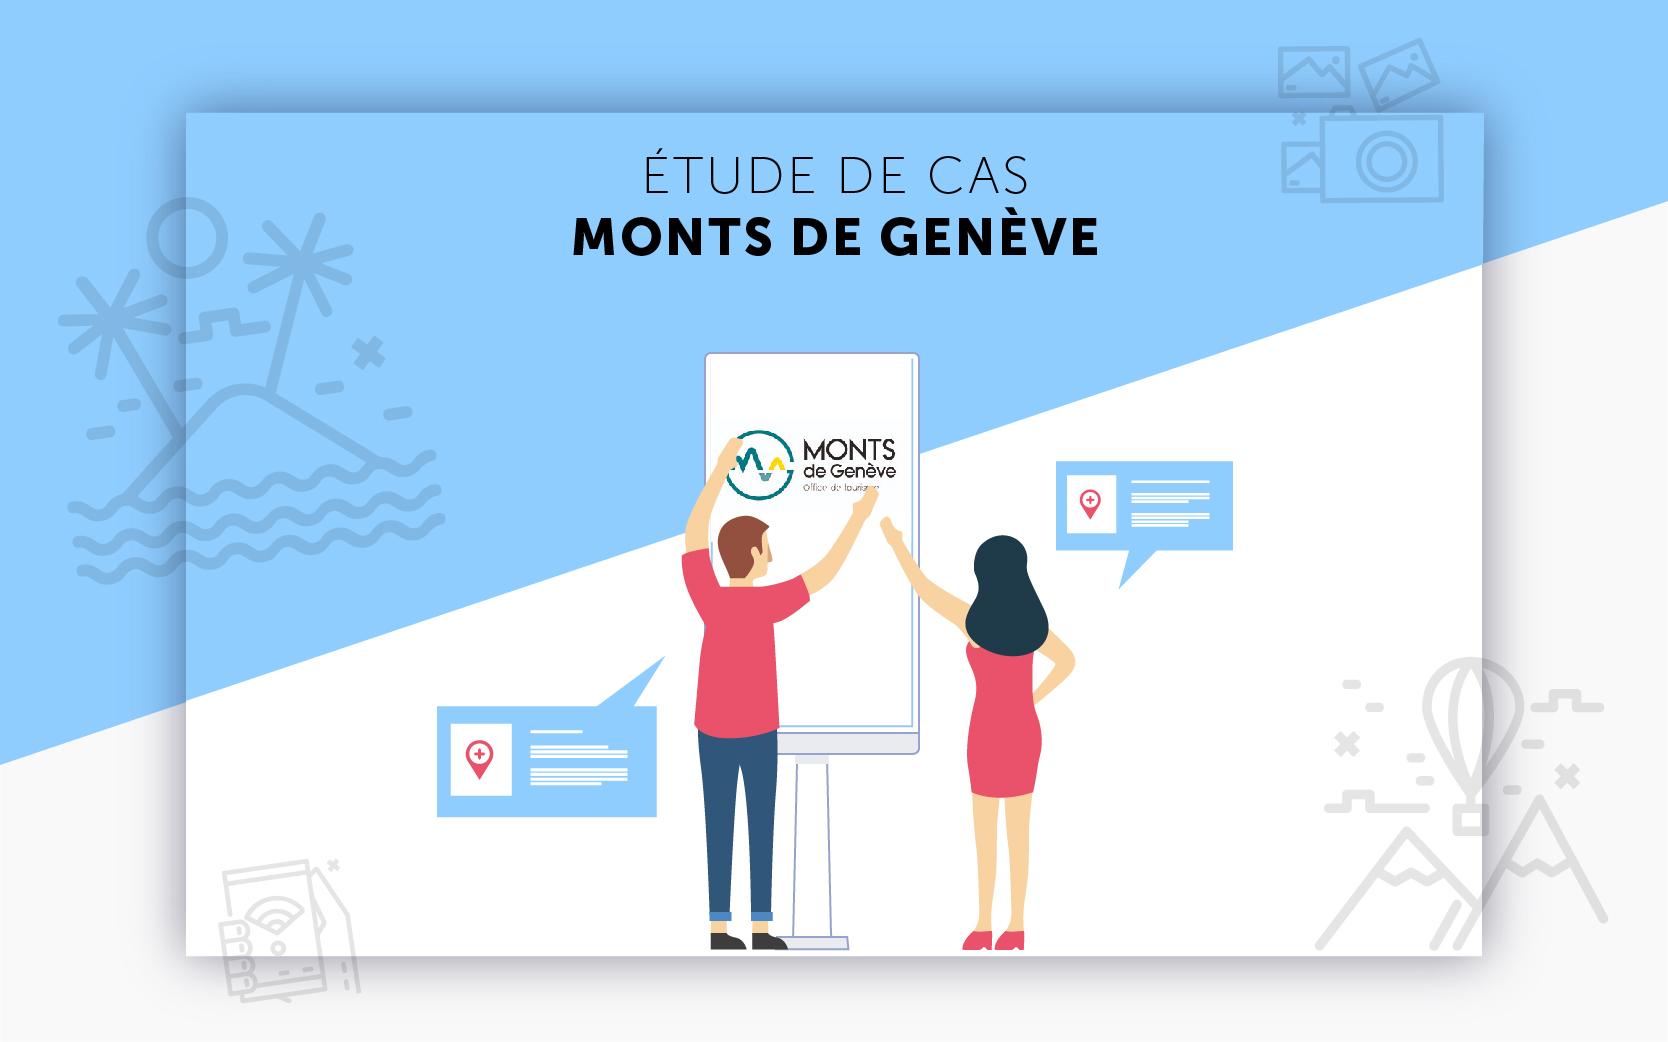 Etude de cas Monts de Genève